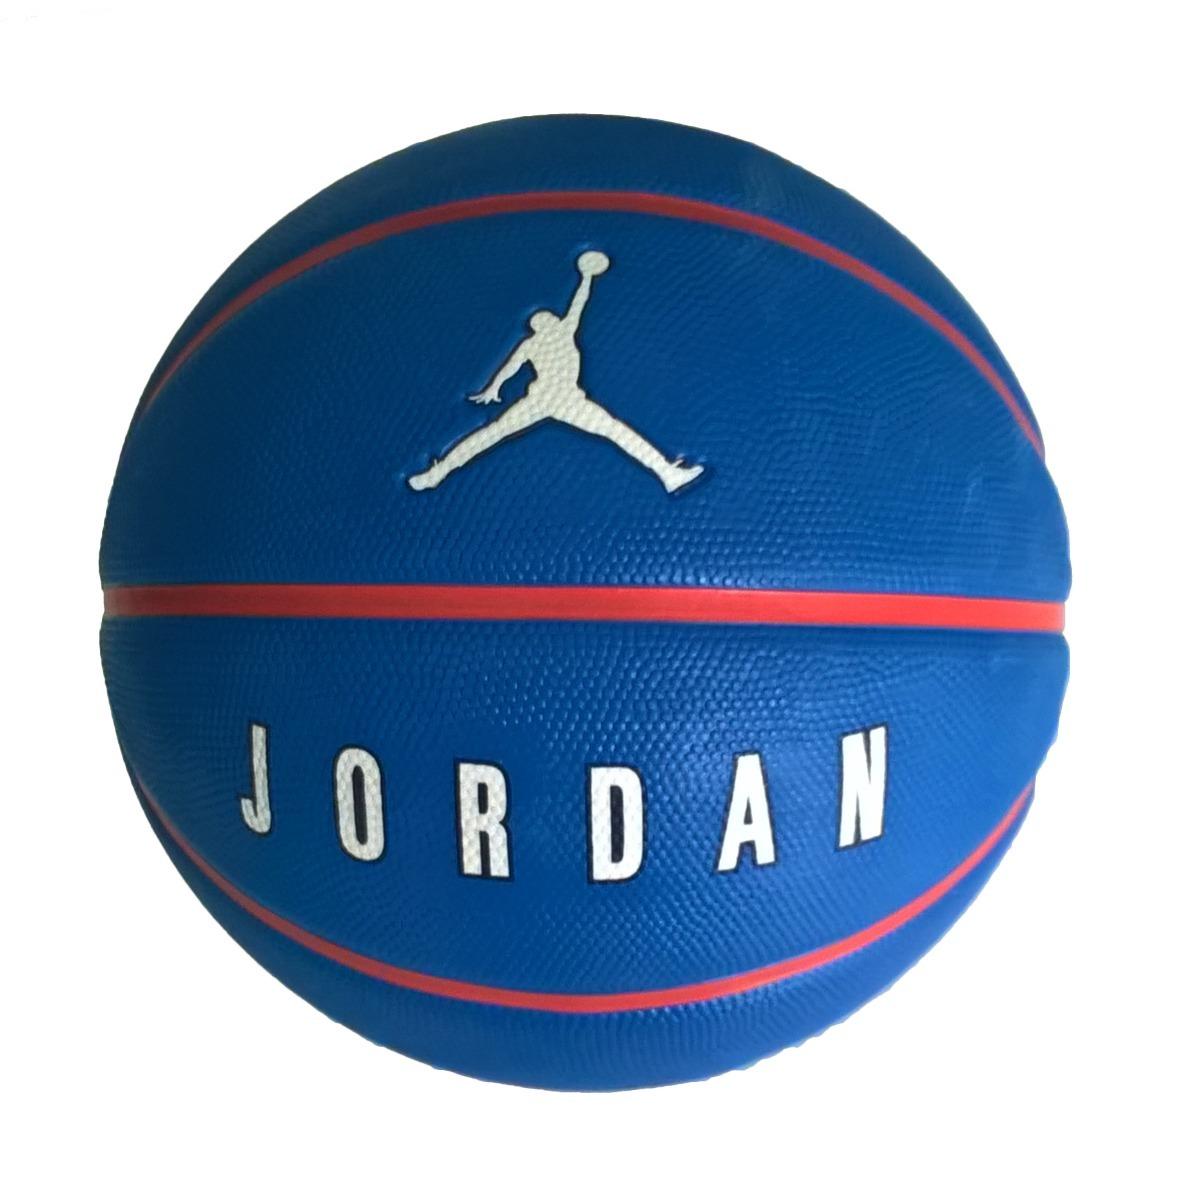 745b7f2d8ed bola de basquete nike jordan playground 8p azul. Carregando zoom.